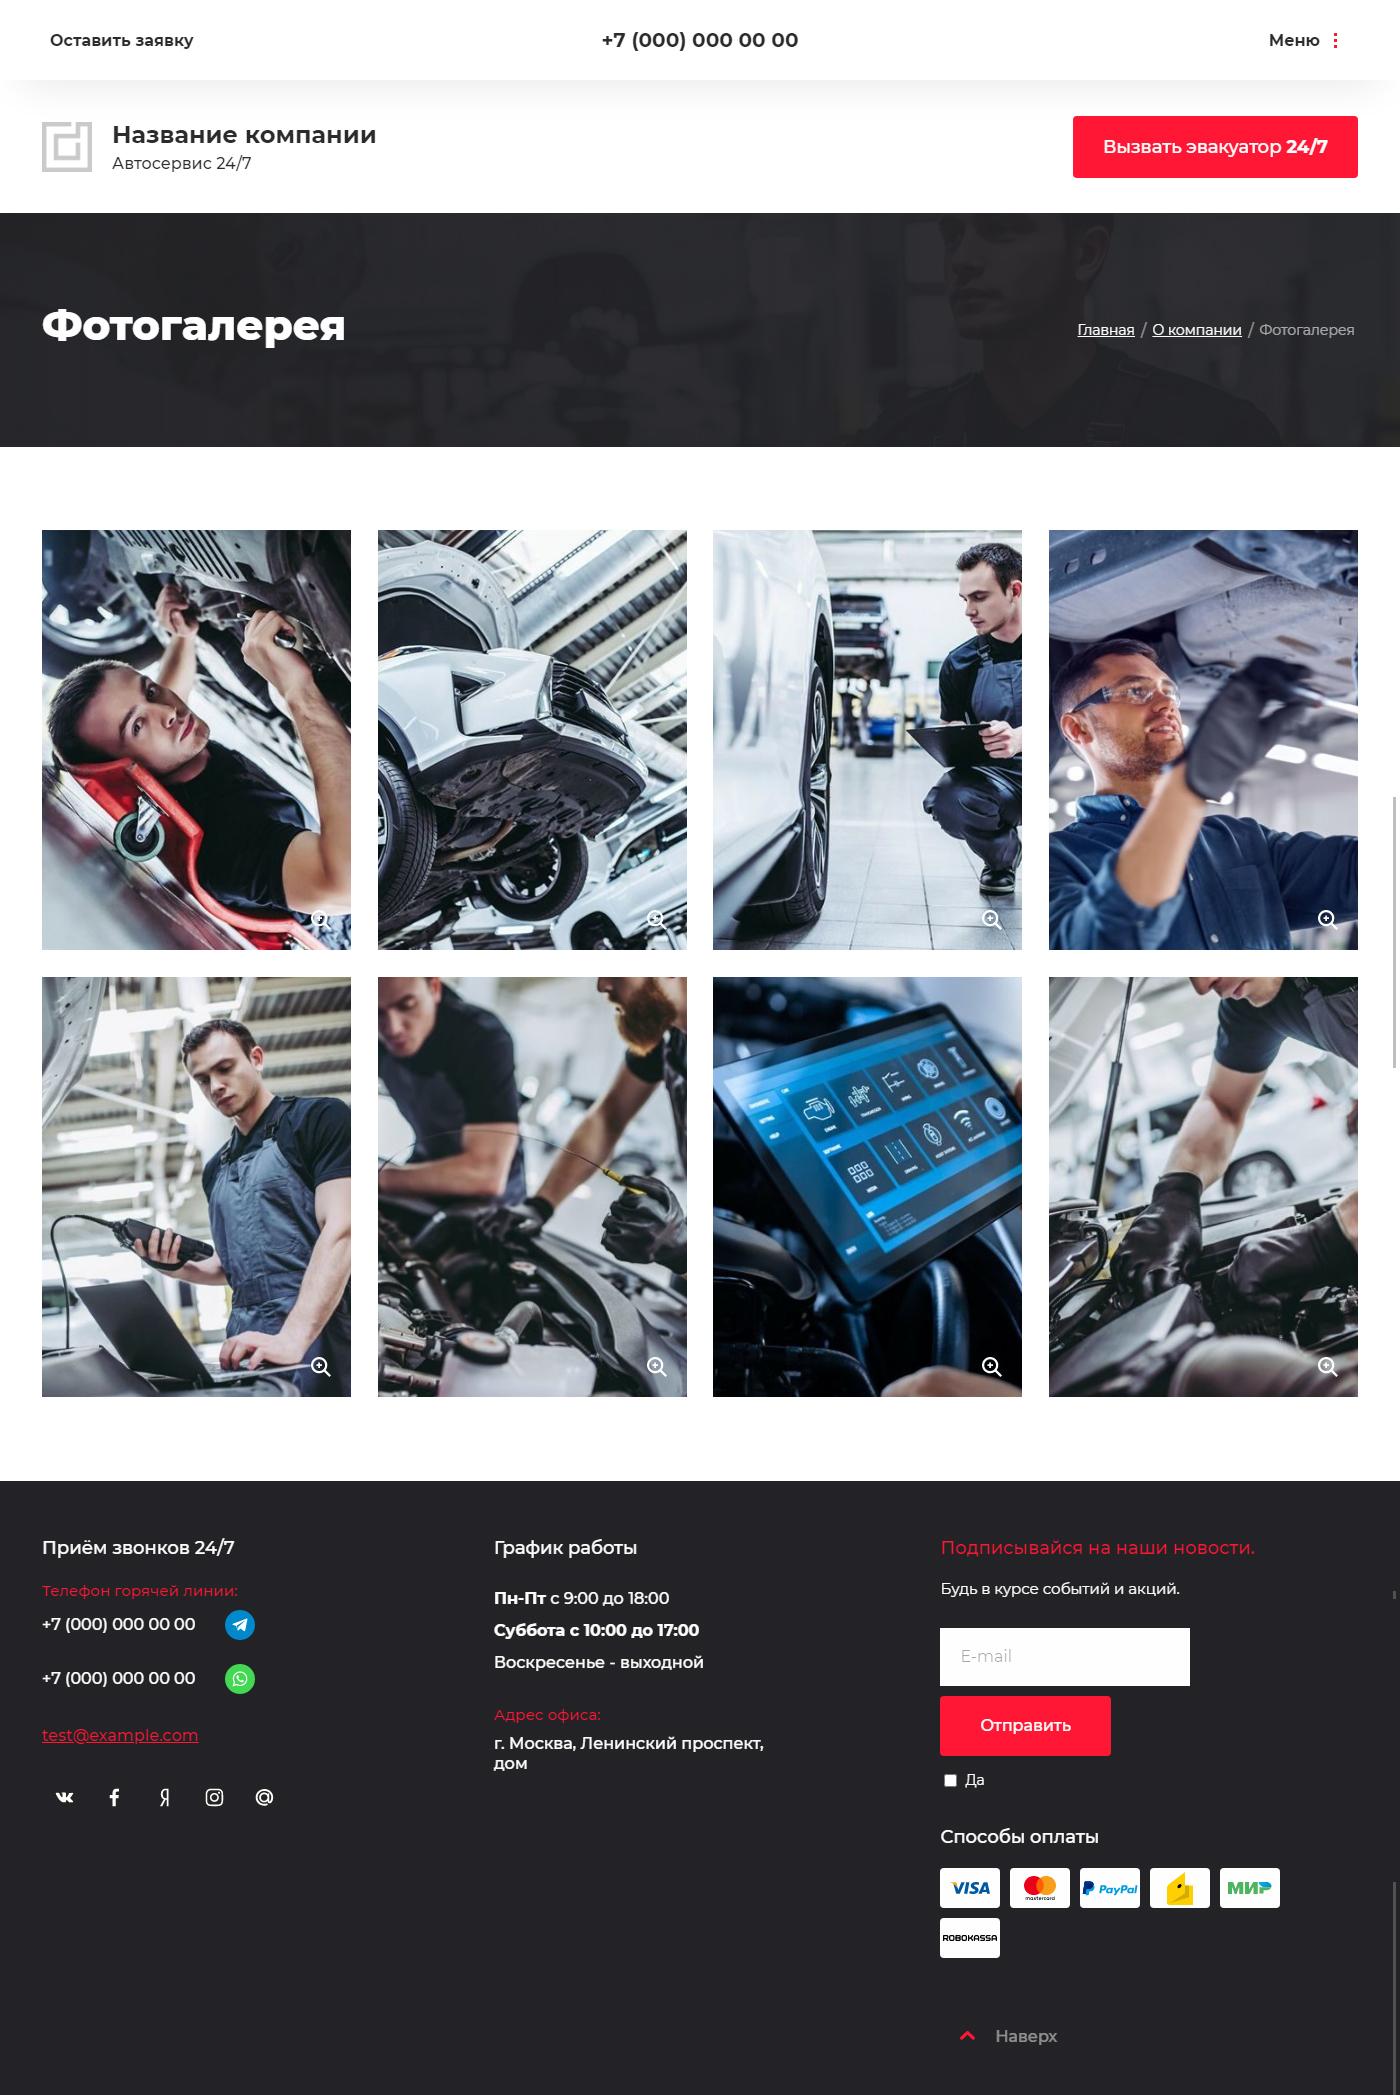 Готовый Сайт-Бизнес #2899420 - Автосервисы, ремонт транспортных средств (Галерея)